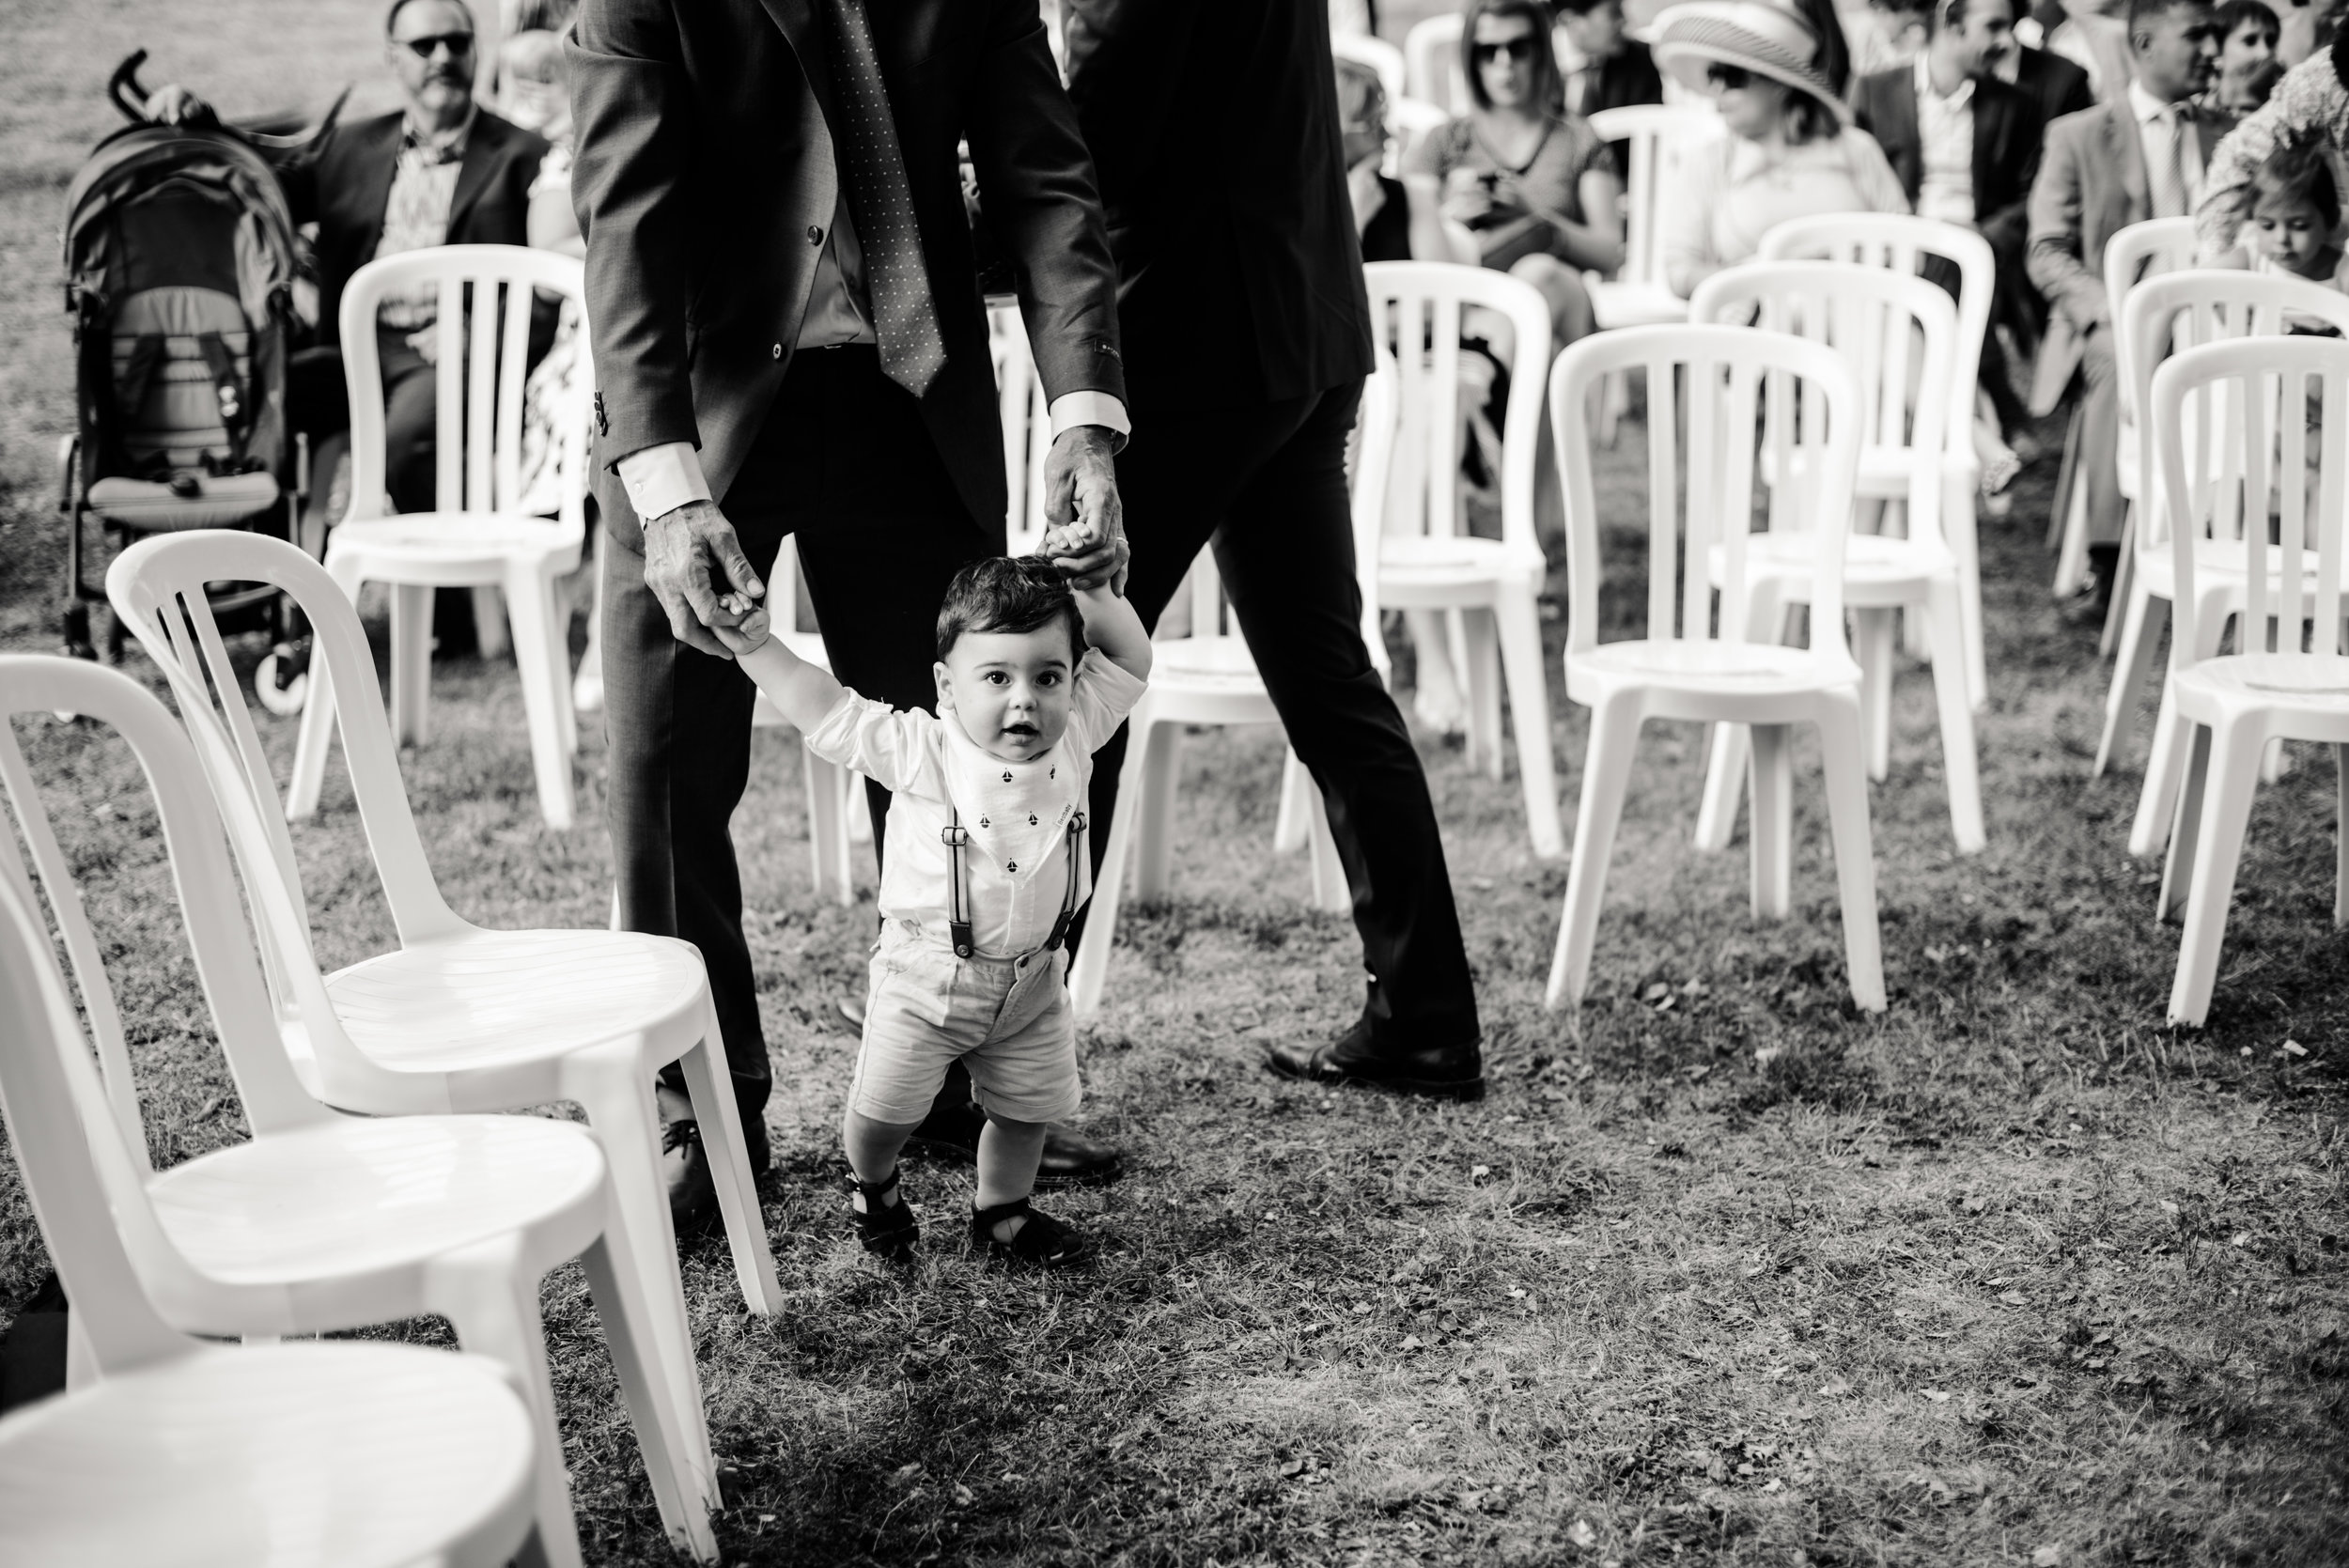 Léa-Fery-photographe-professionnel-lyon-rhone-alpes-portrait-creation-mariage-evenement-evenementiel-famille-8578.jpg